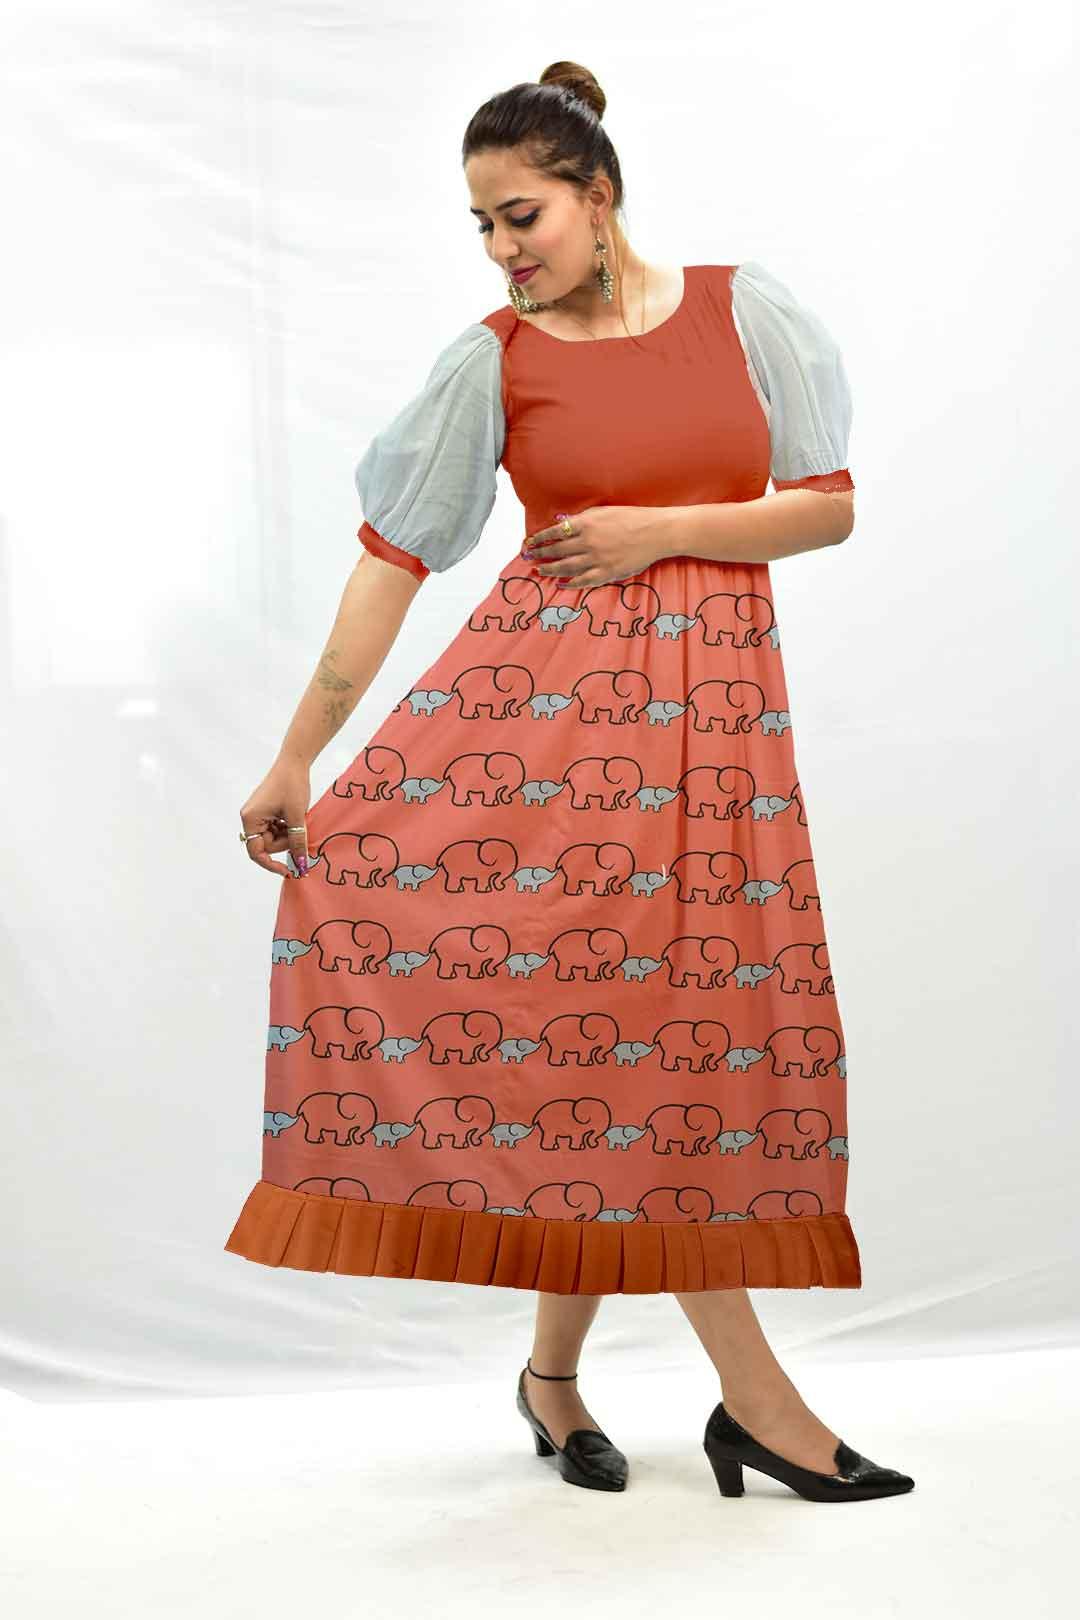 Cotton Frock Style Dress – Bade Miya, Chote Miya